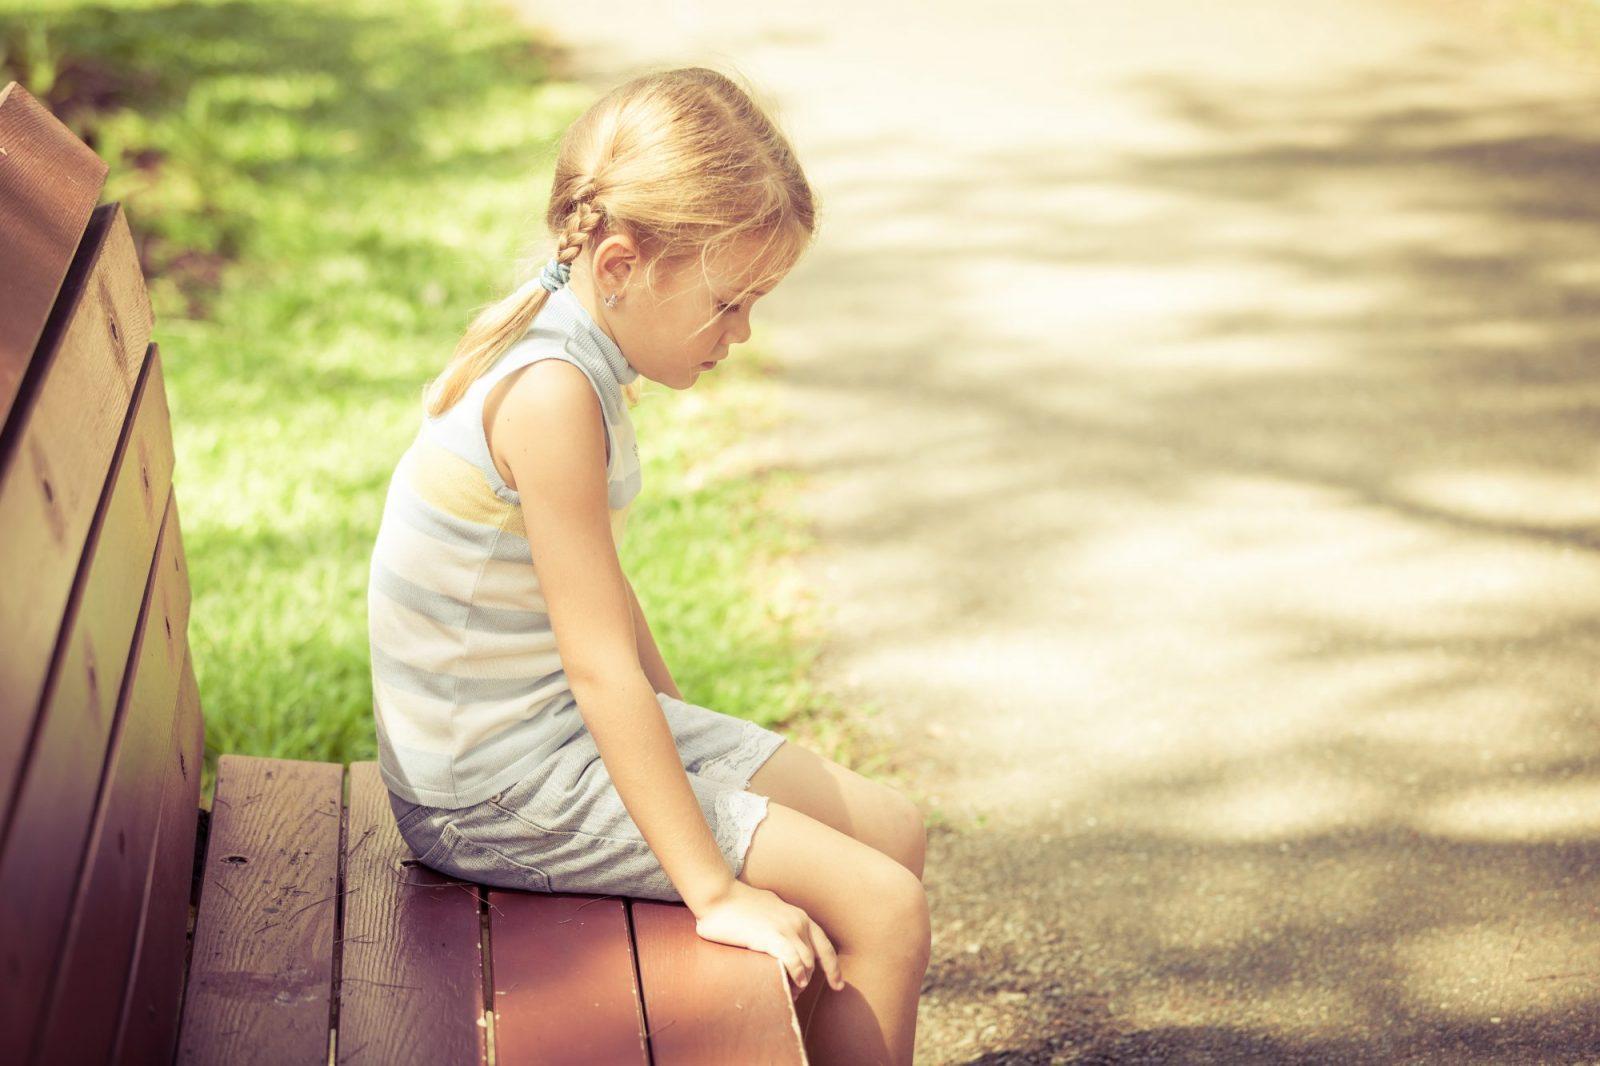 Hoe Vertel Je Een Kind Van 6, 7 Of 8 Jaar Dat Je Gaat Scheiden?